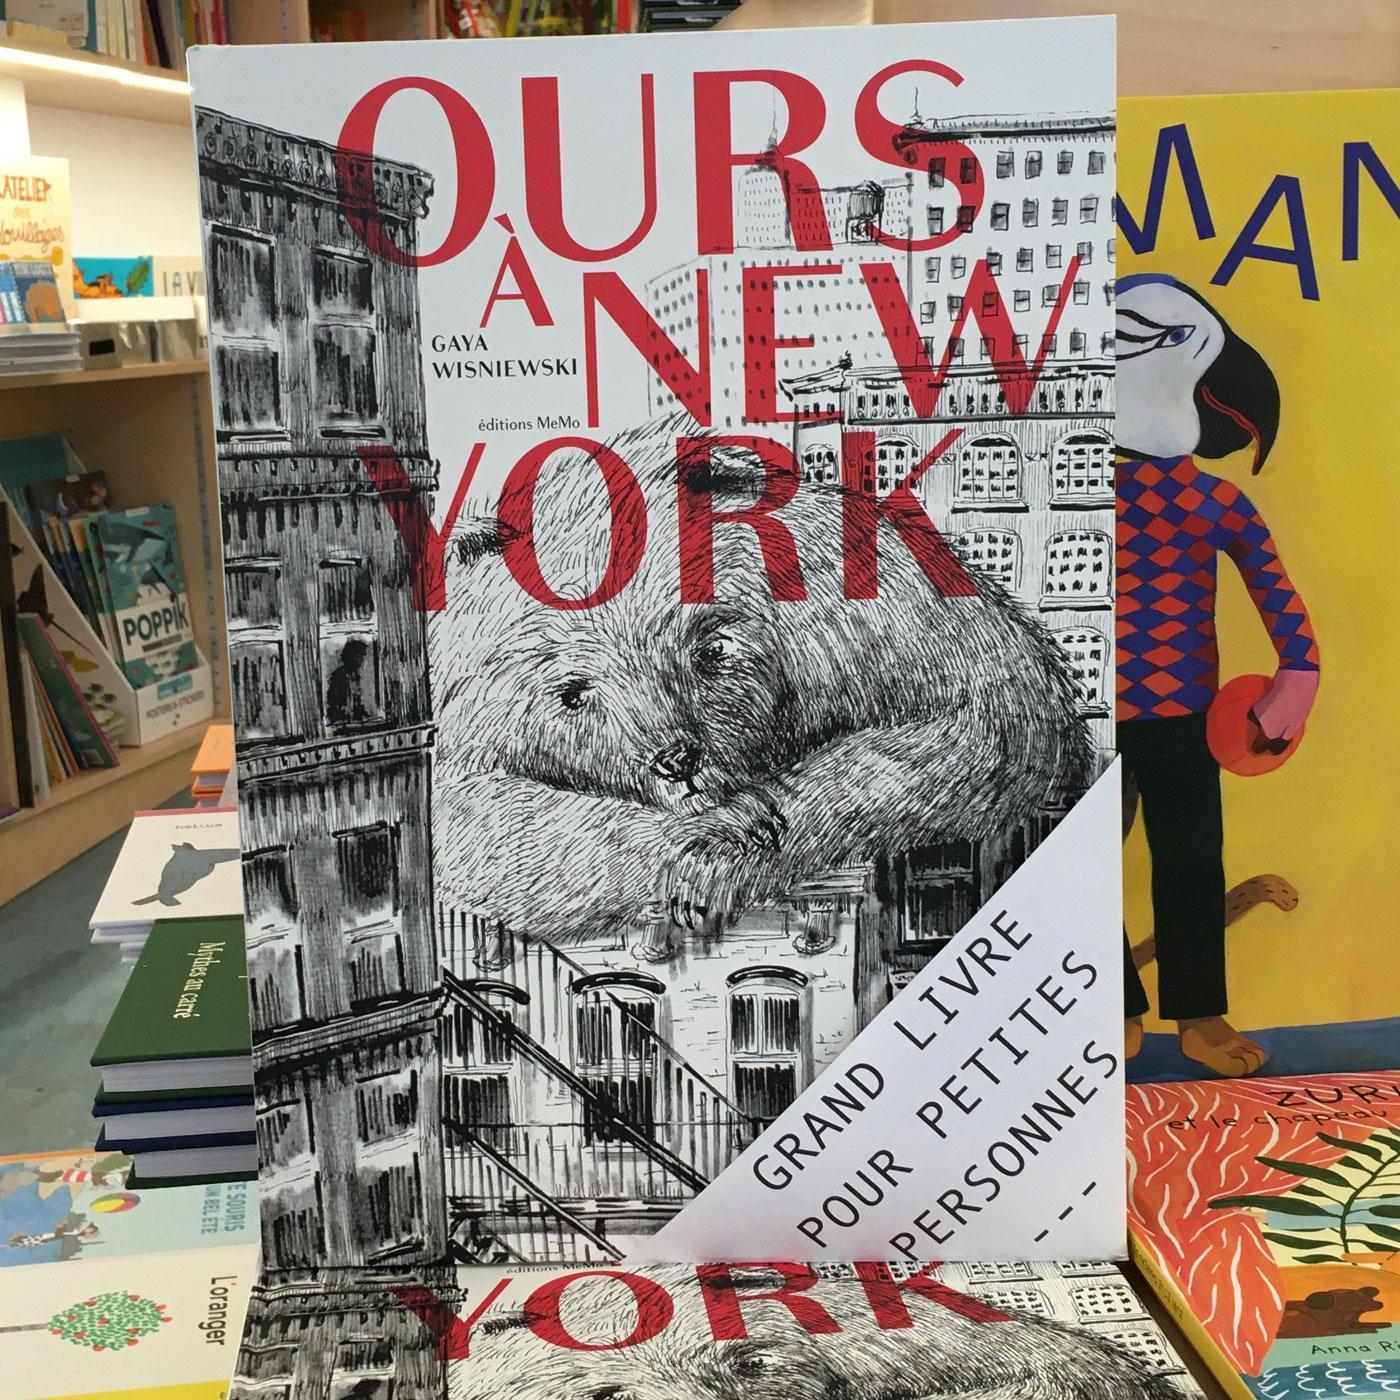 Grands livres pour petites personnes #27 - Ours à New York